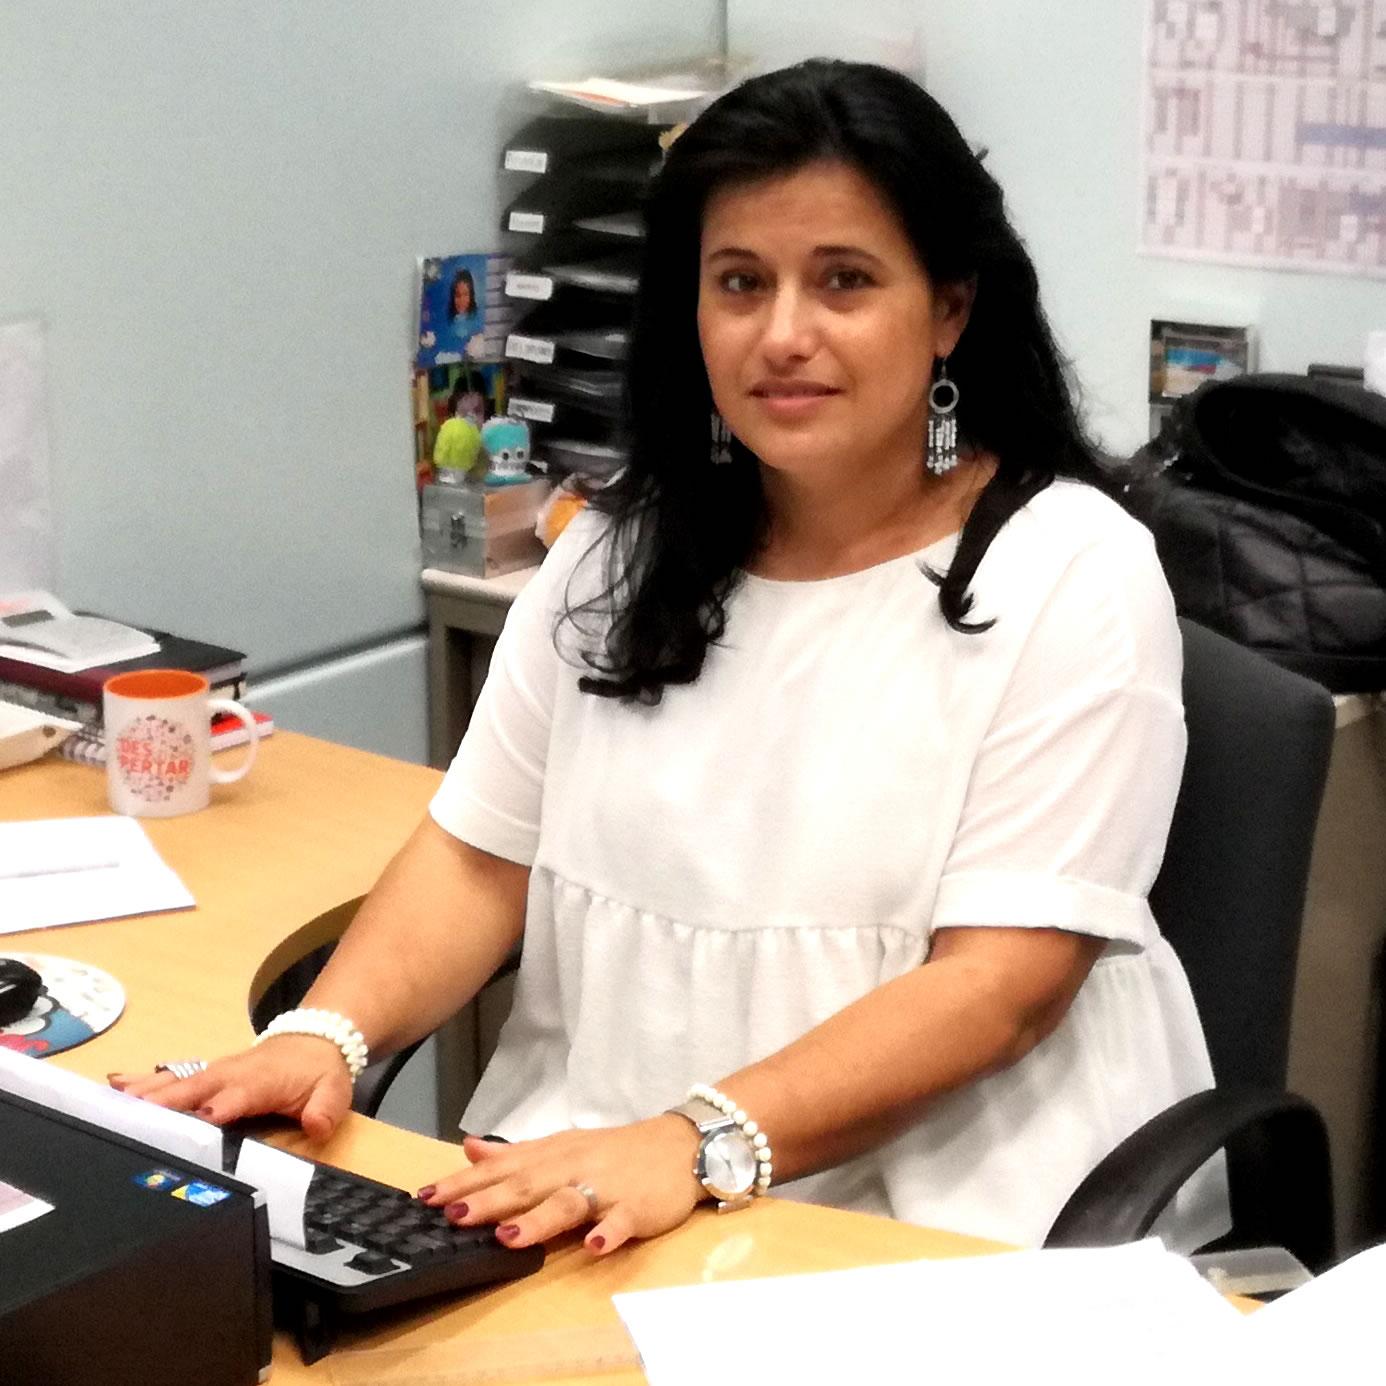 Fernanda Cardoso